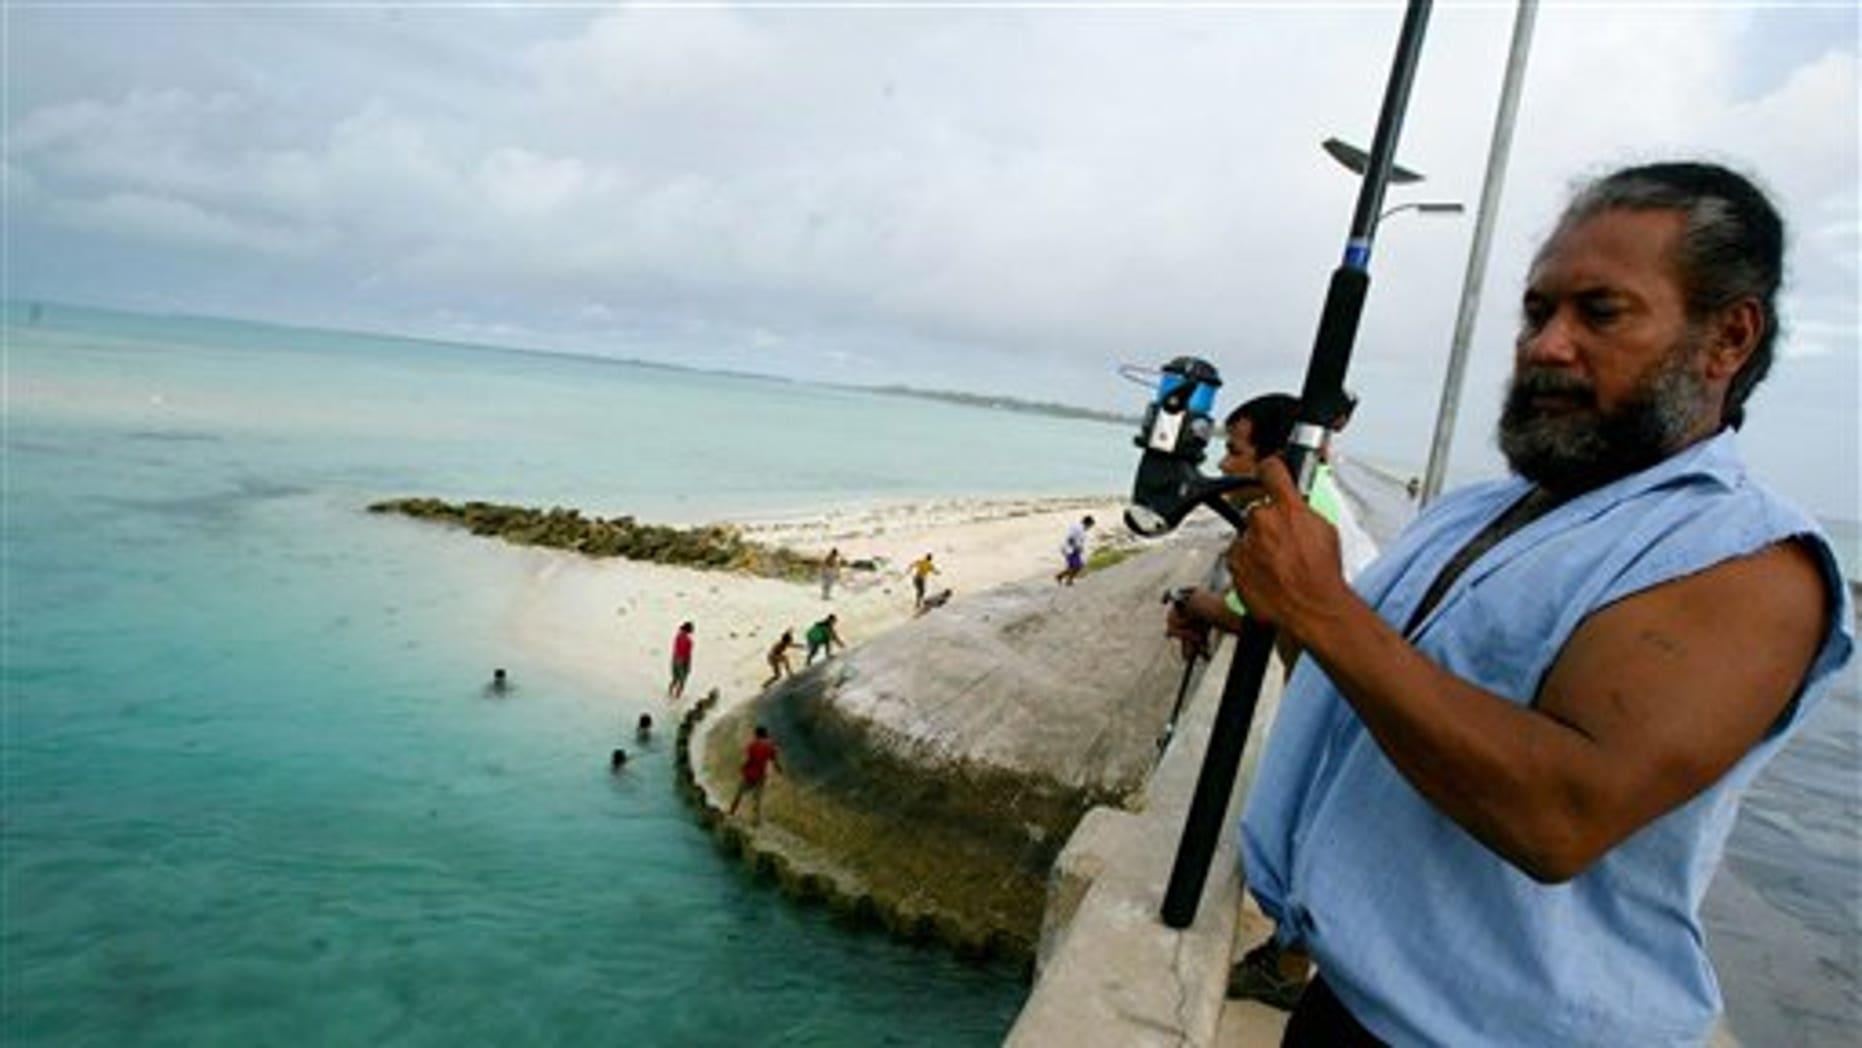 FILE - In this March 30, 2004 file photo, a man fishes on a bridge on Tarawa atoll, Kiribati.